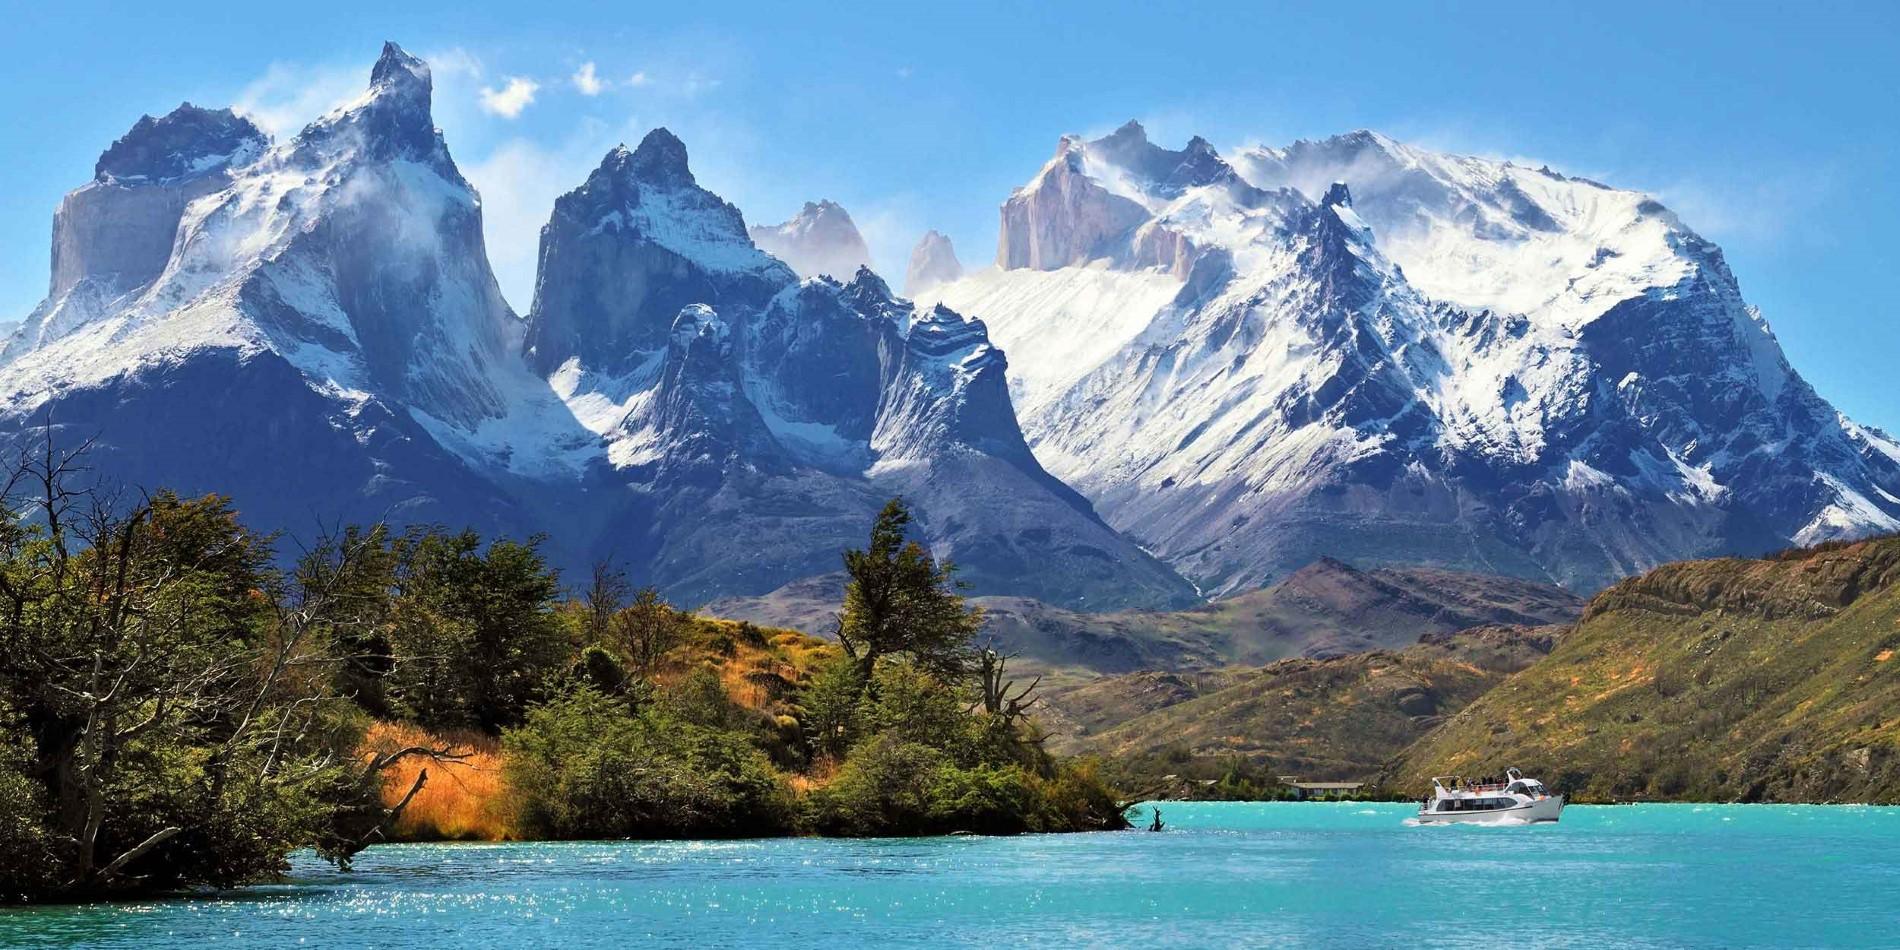 South America Tours: Puerto Natales - Torres del Paine National Park    Hurtigruten